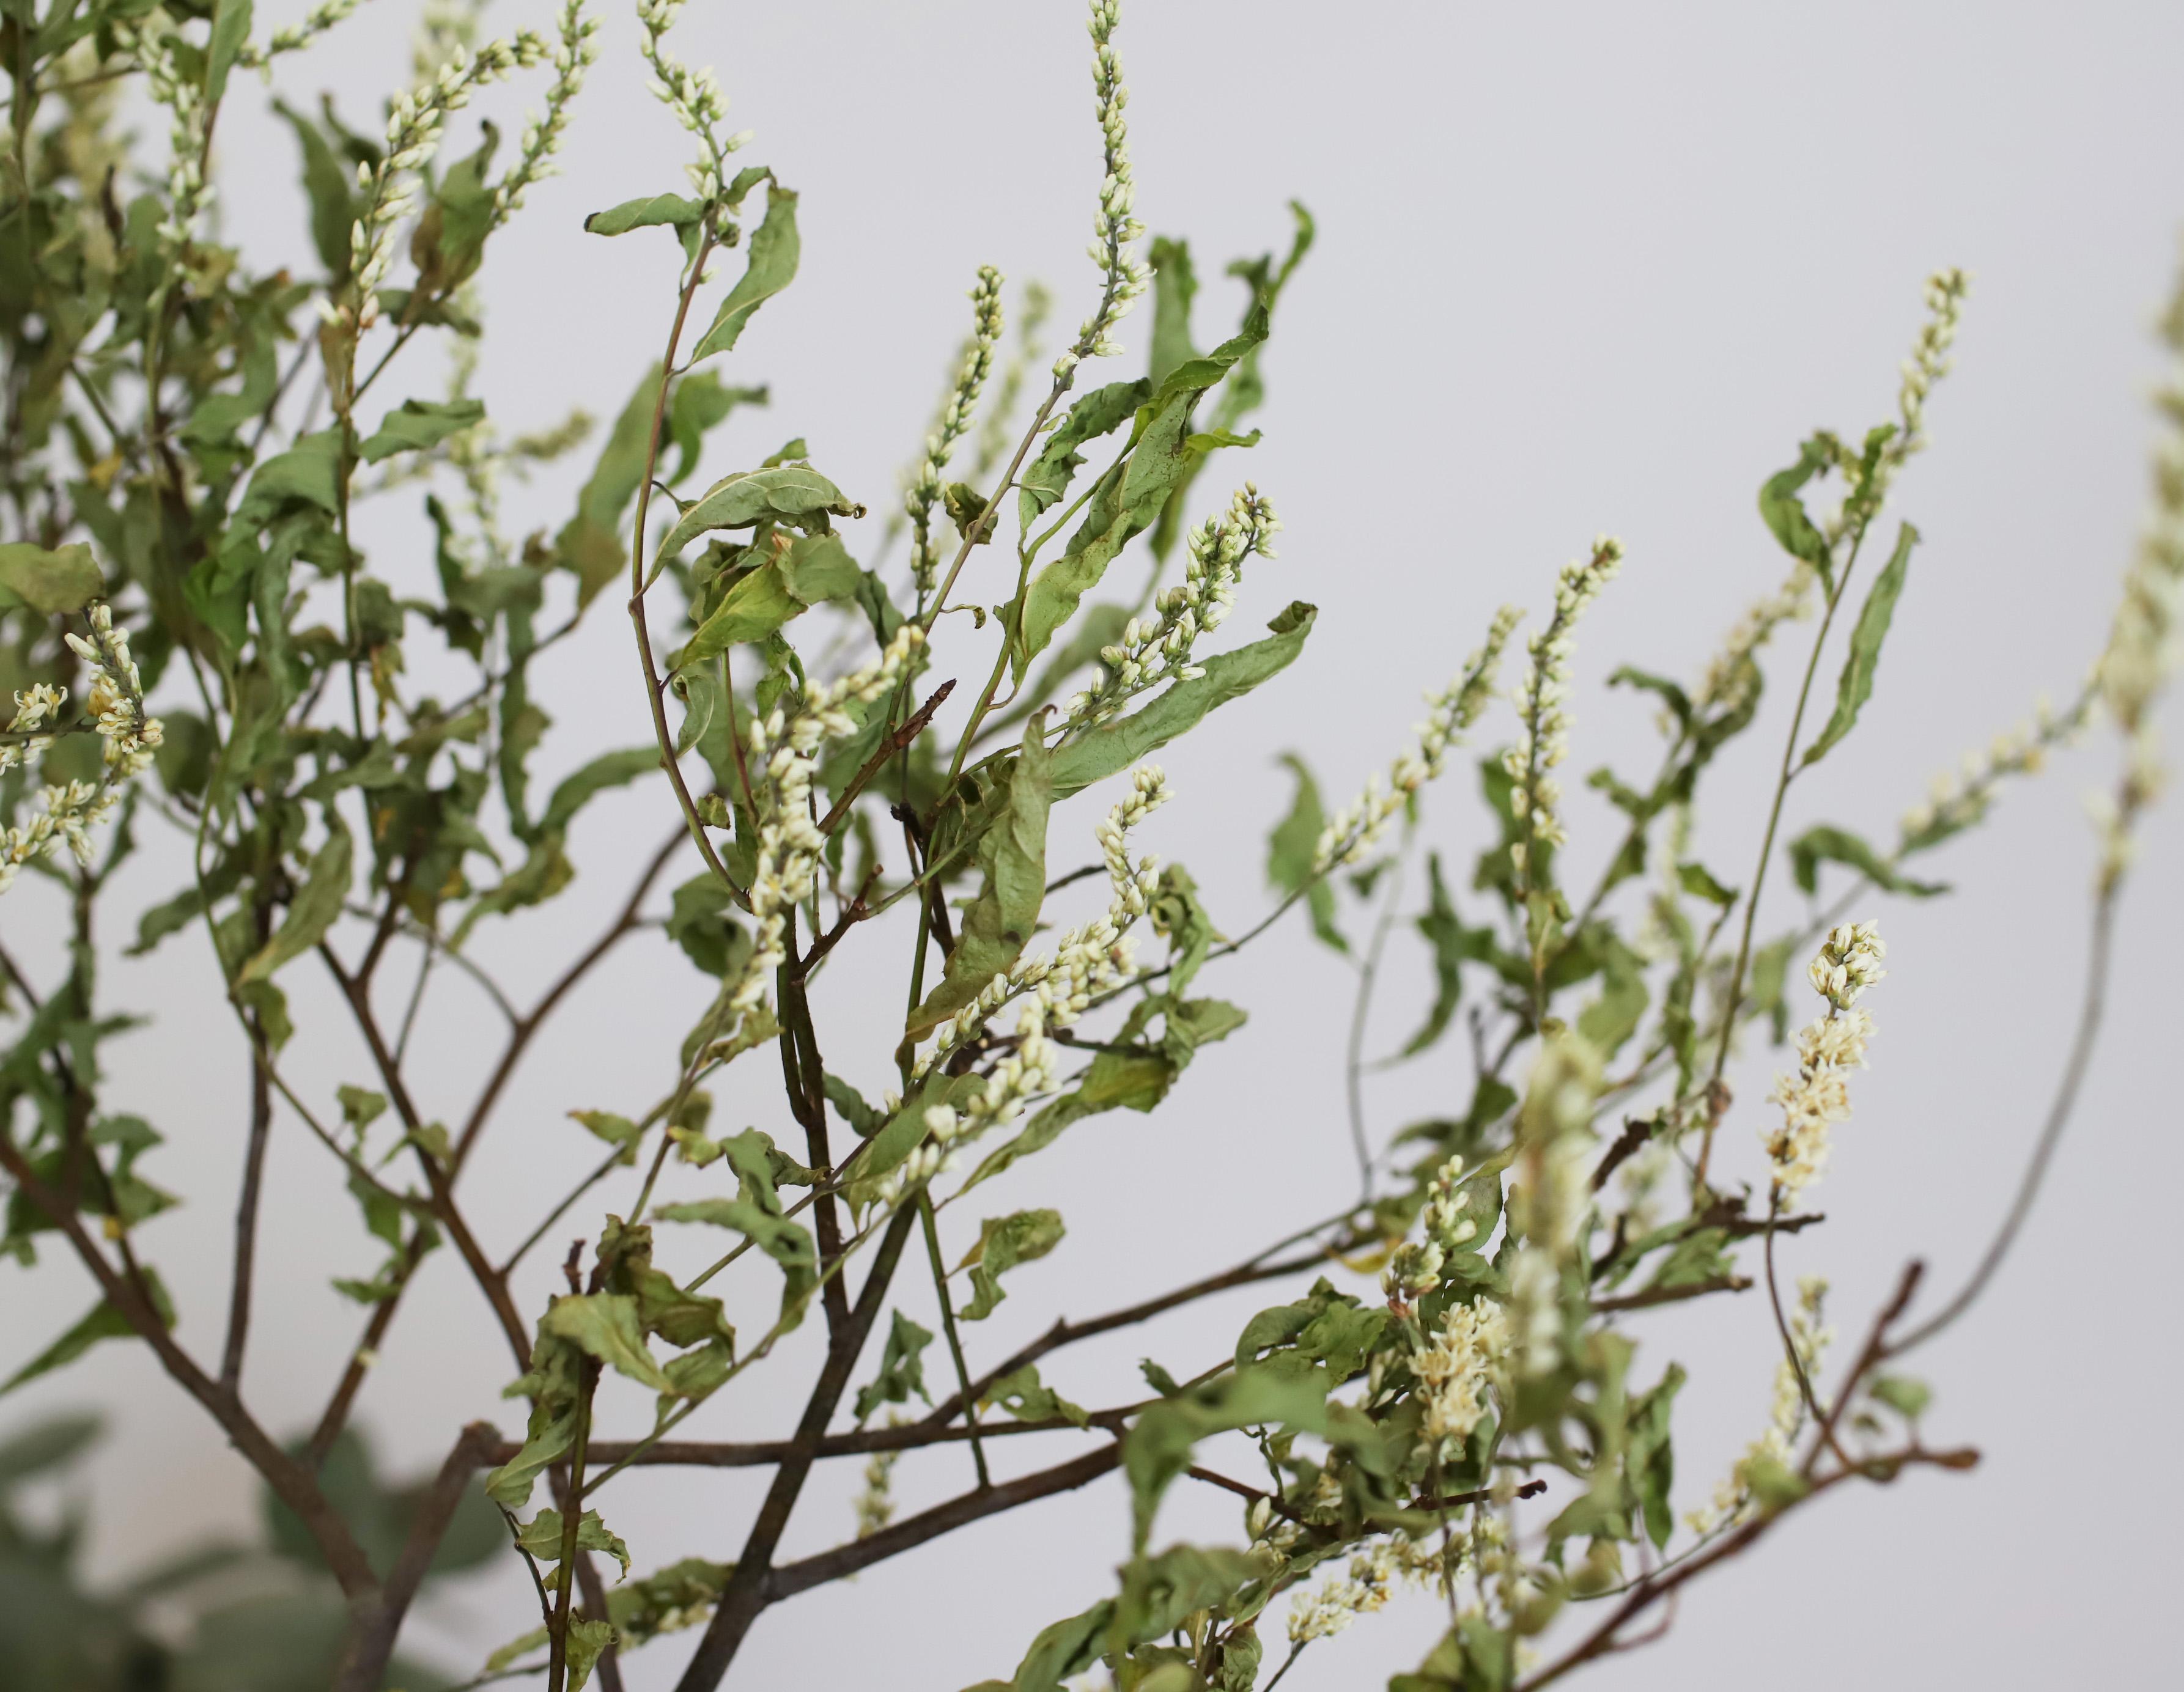 瑞々しさはなくなりますがドライならではの面白さがあります。色や花もそのまま残りやすいのが特徴です。